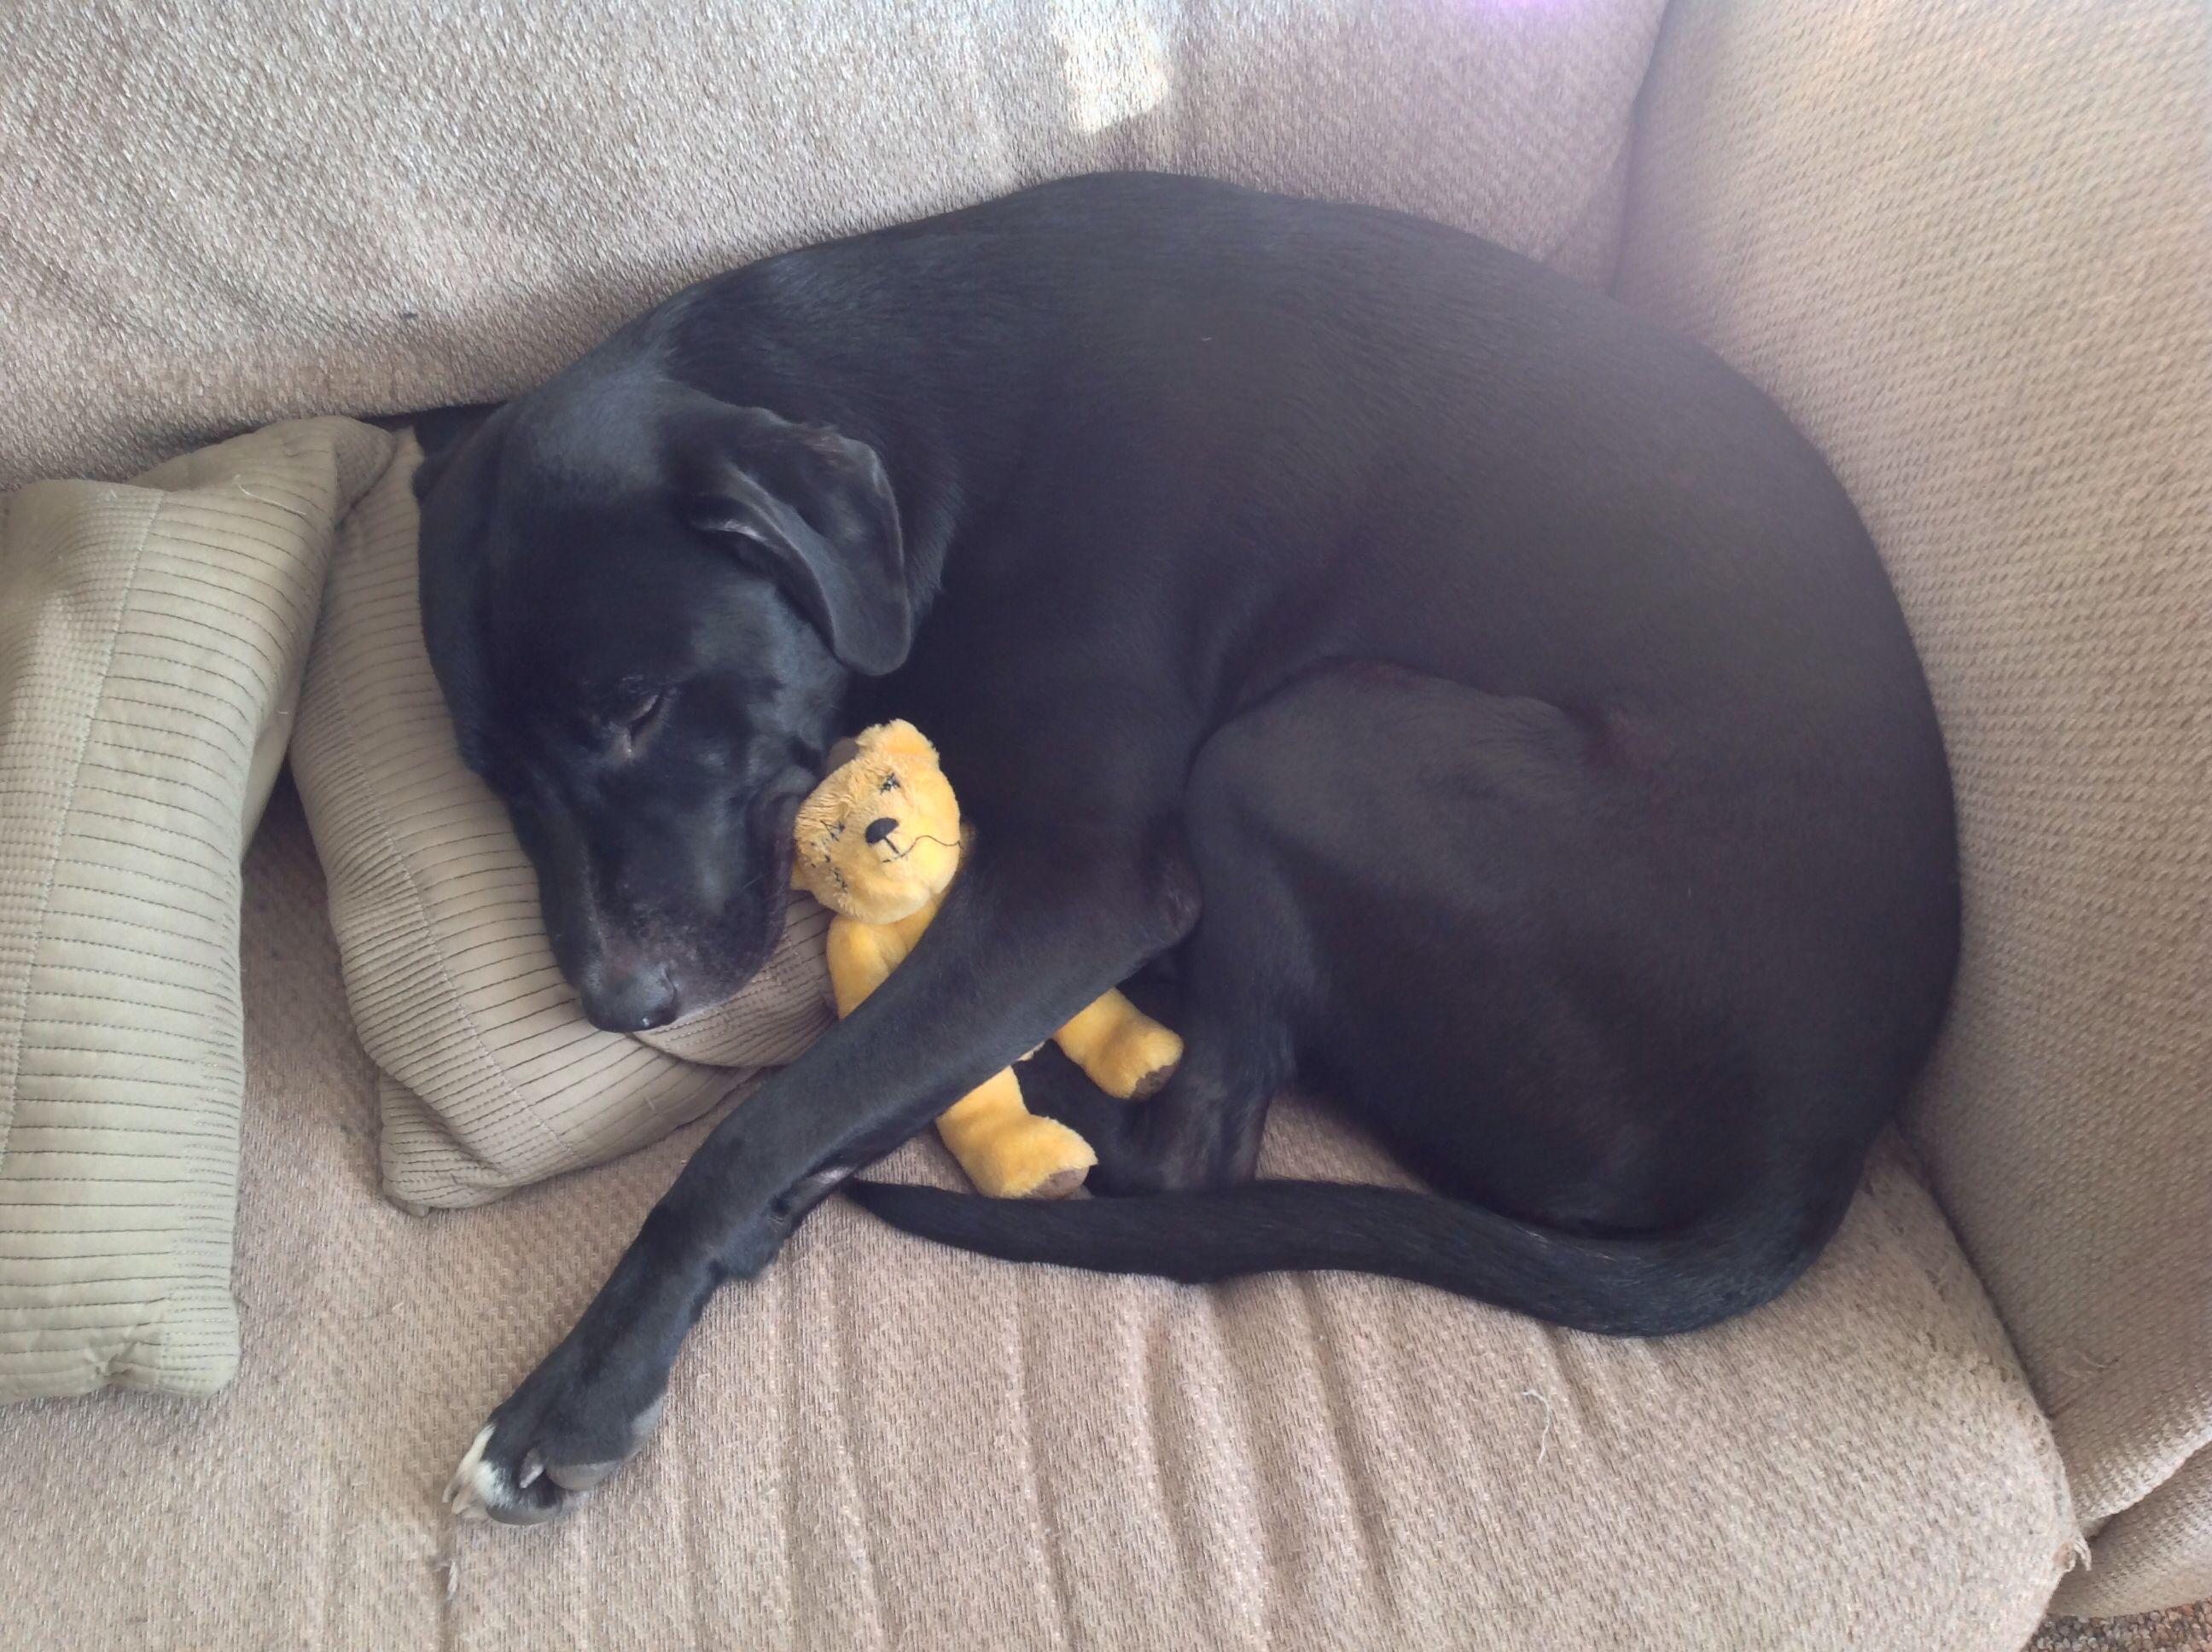 Sleeping puppy and his teddy bear | Sleeping puppies ...